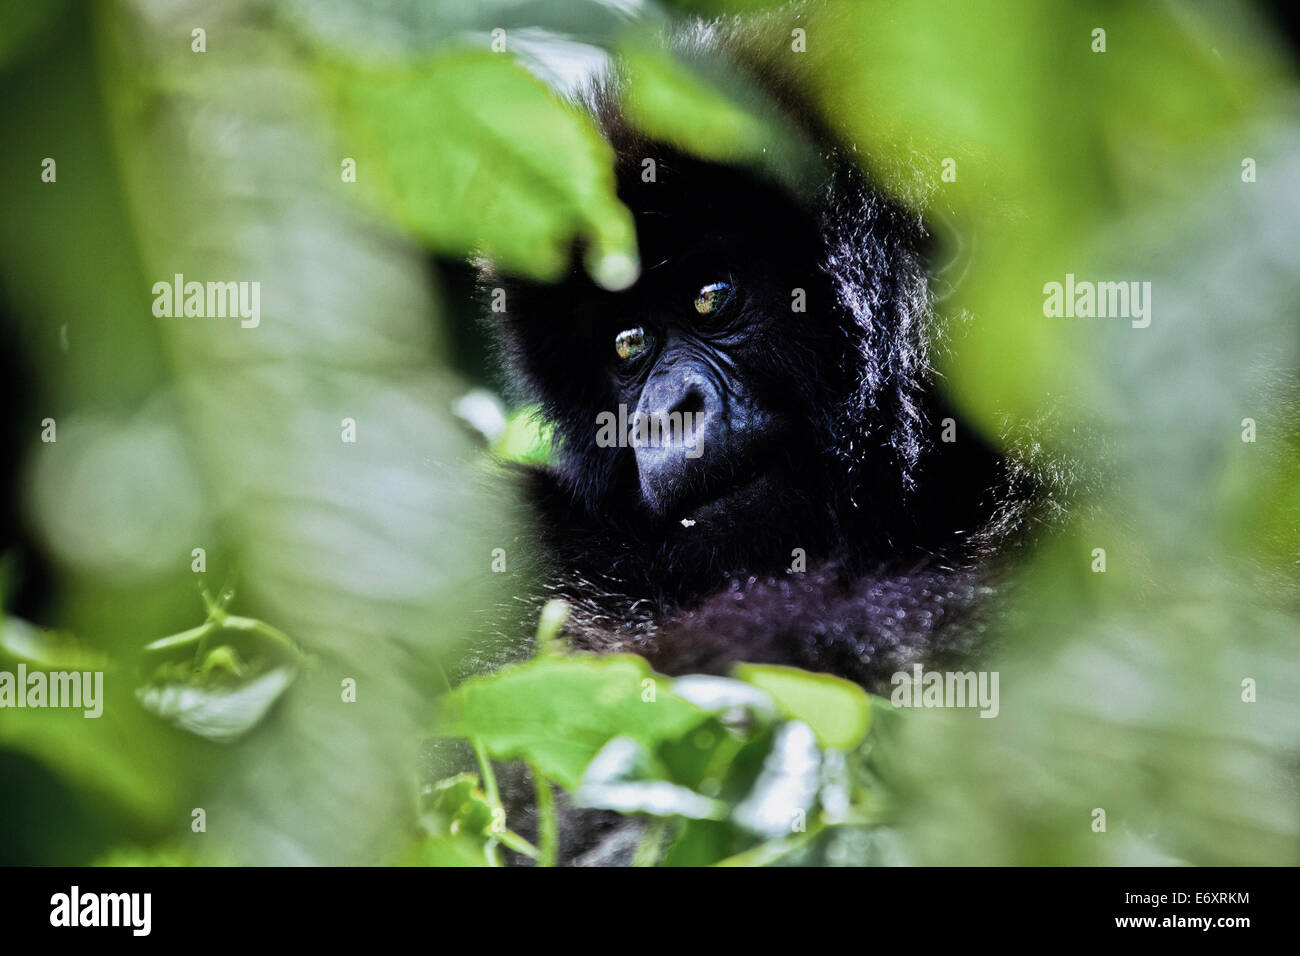 Junge Berggorilla, versteckt im grünen Blätter, Volcanoes-Nationalpark, Ruanda, Afrika Stockbild